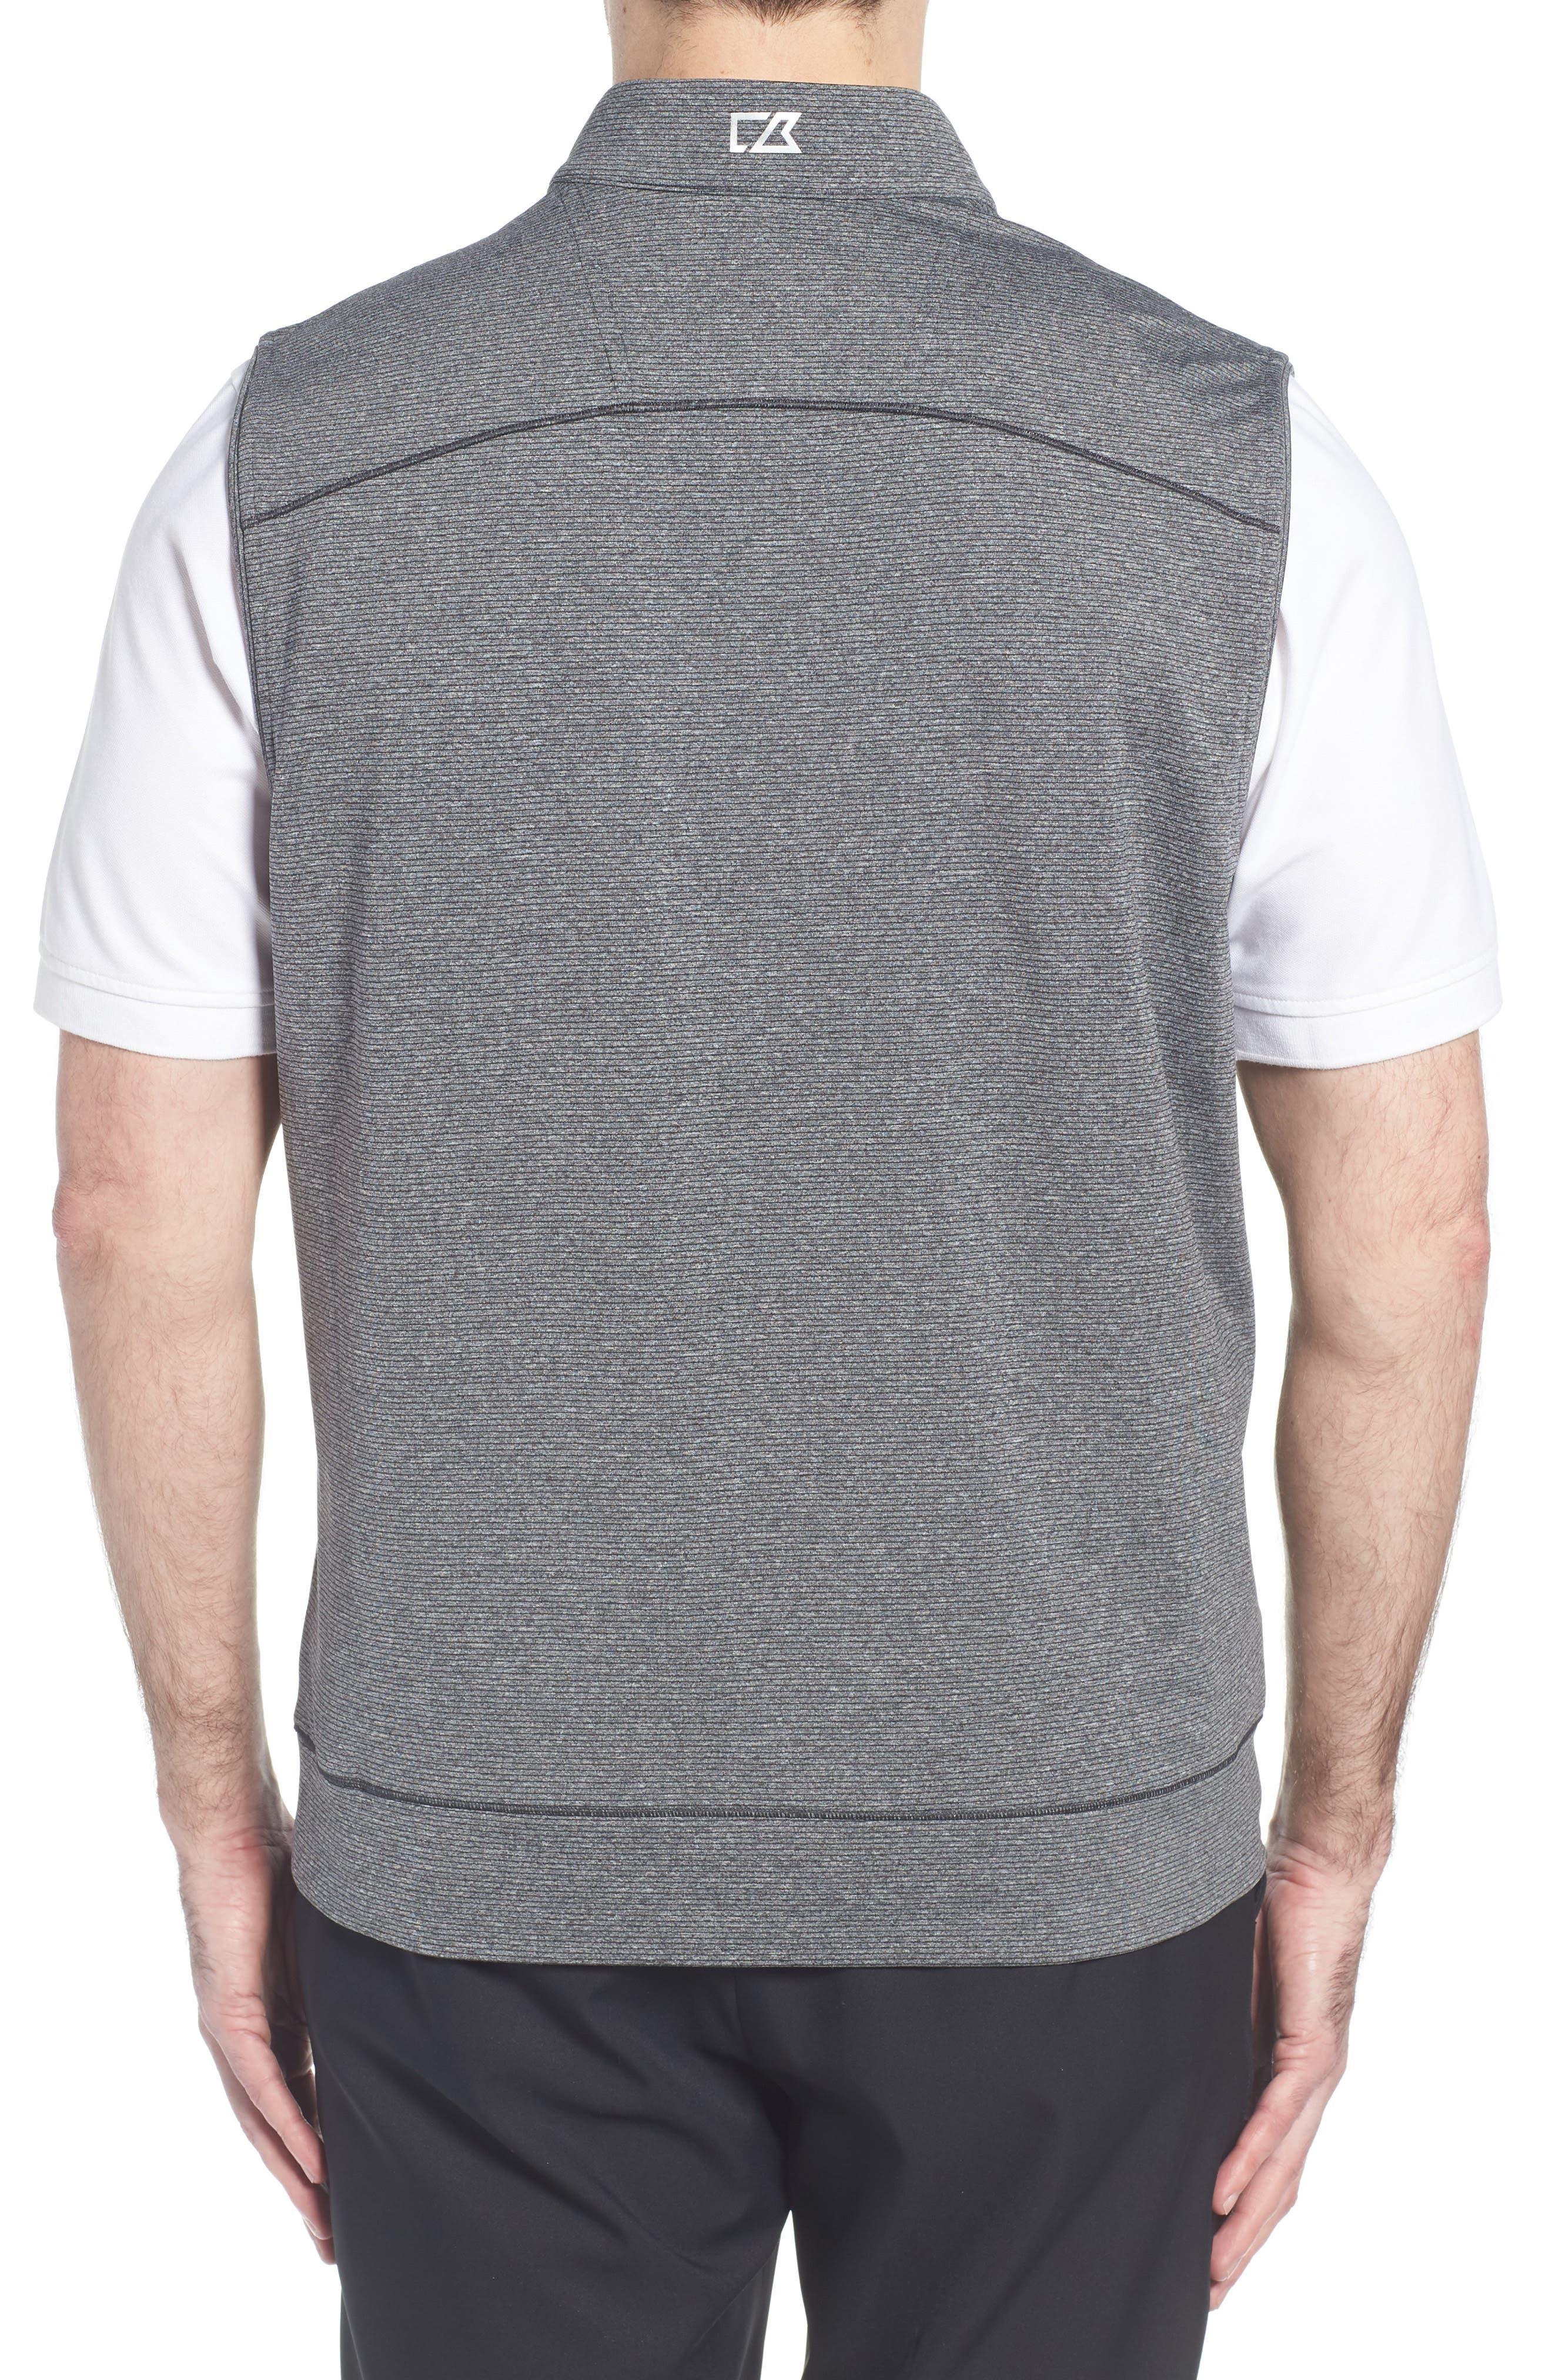 Shoreline Quarter Zip Vest,                             Alternate thumbnail 2, color,                             CHARCOAL HEATHER